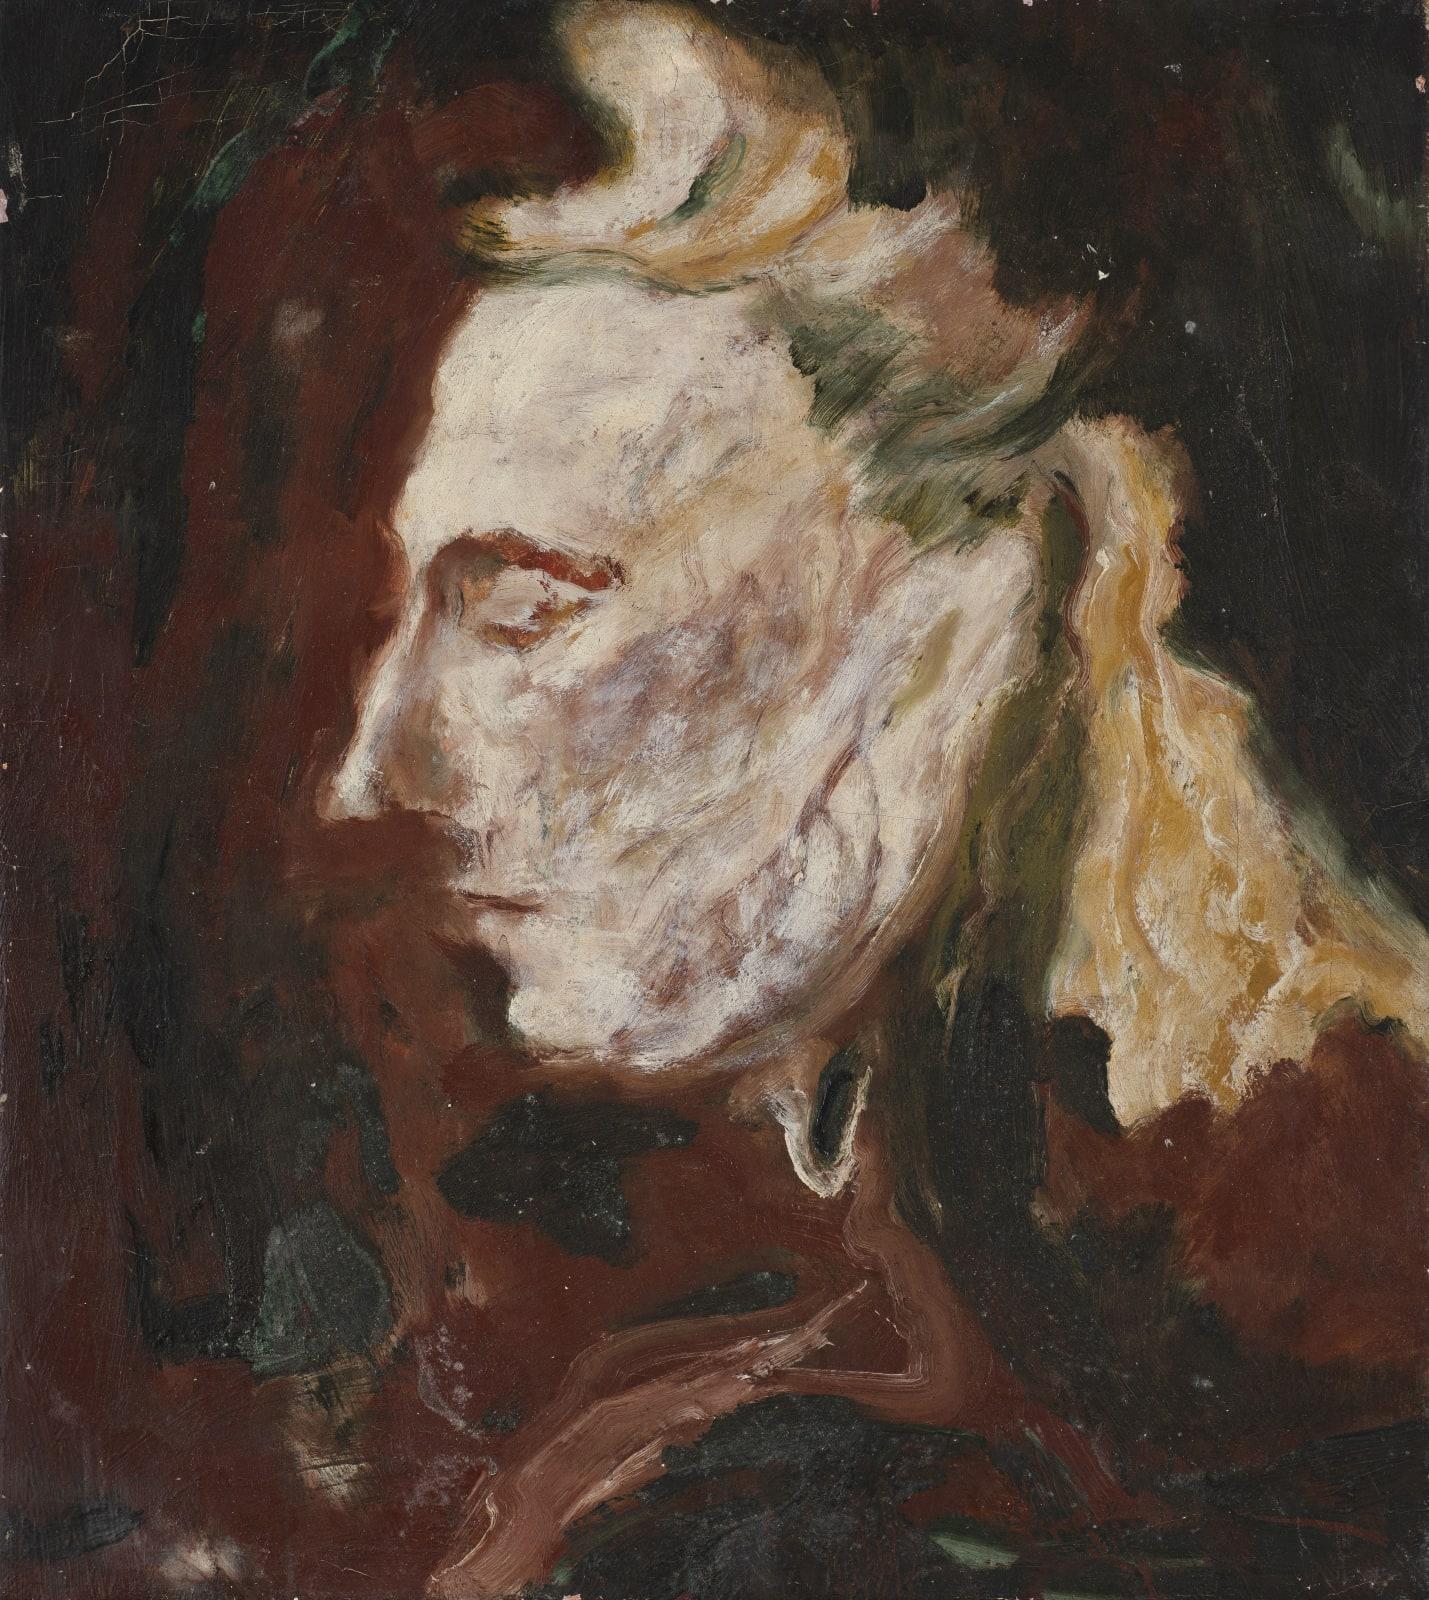 Gustav Metzger Head, 1948, Oil on canvas, 51.5 x 47.3cm. The Gustav Metzger Foundation